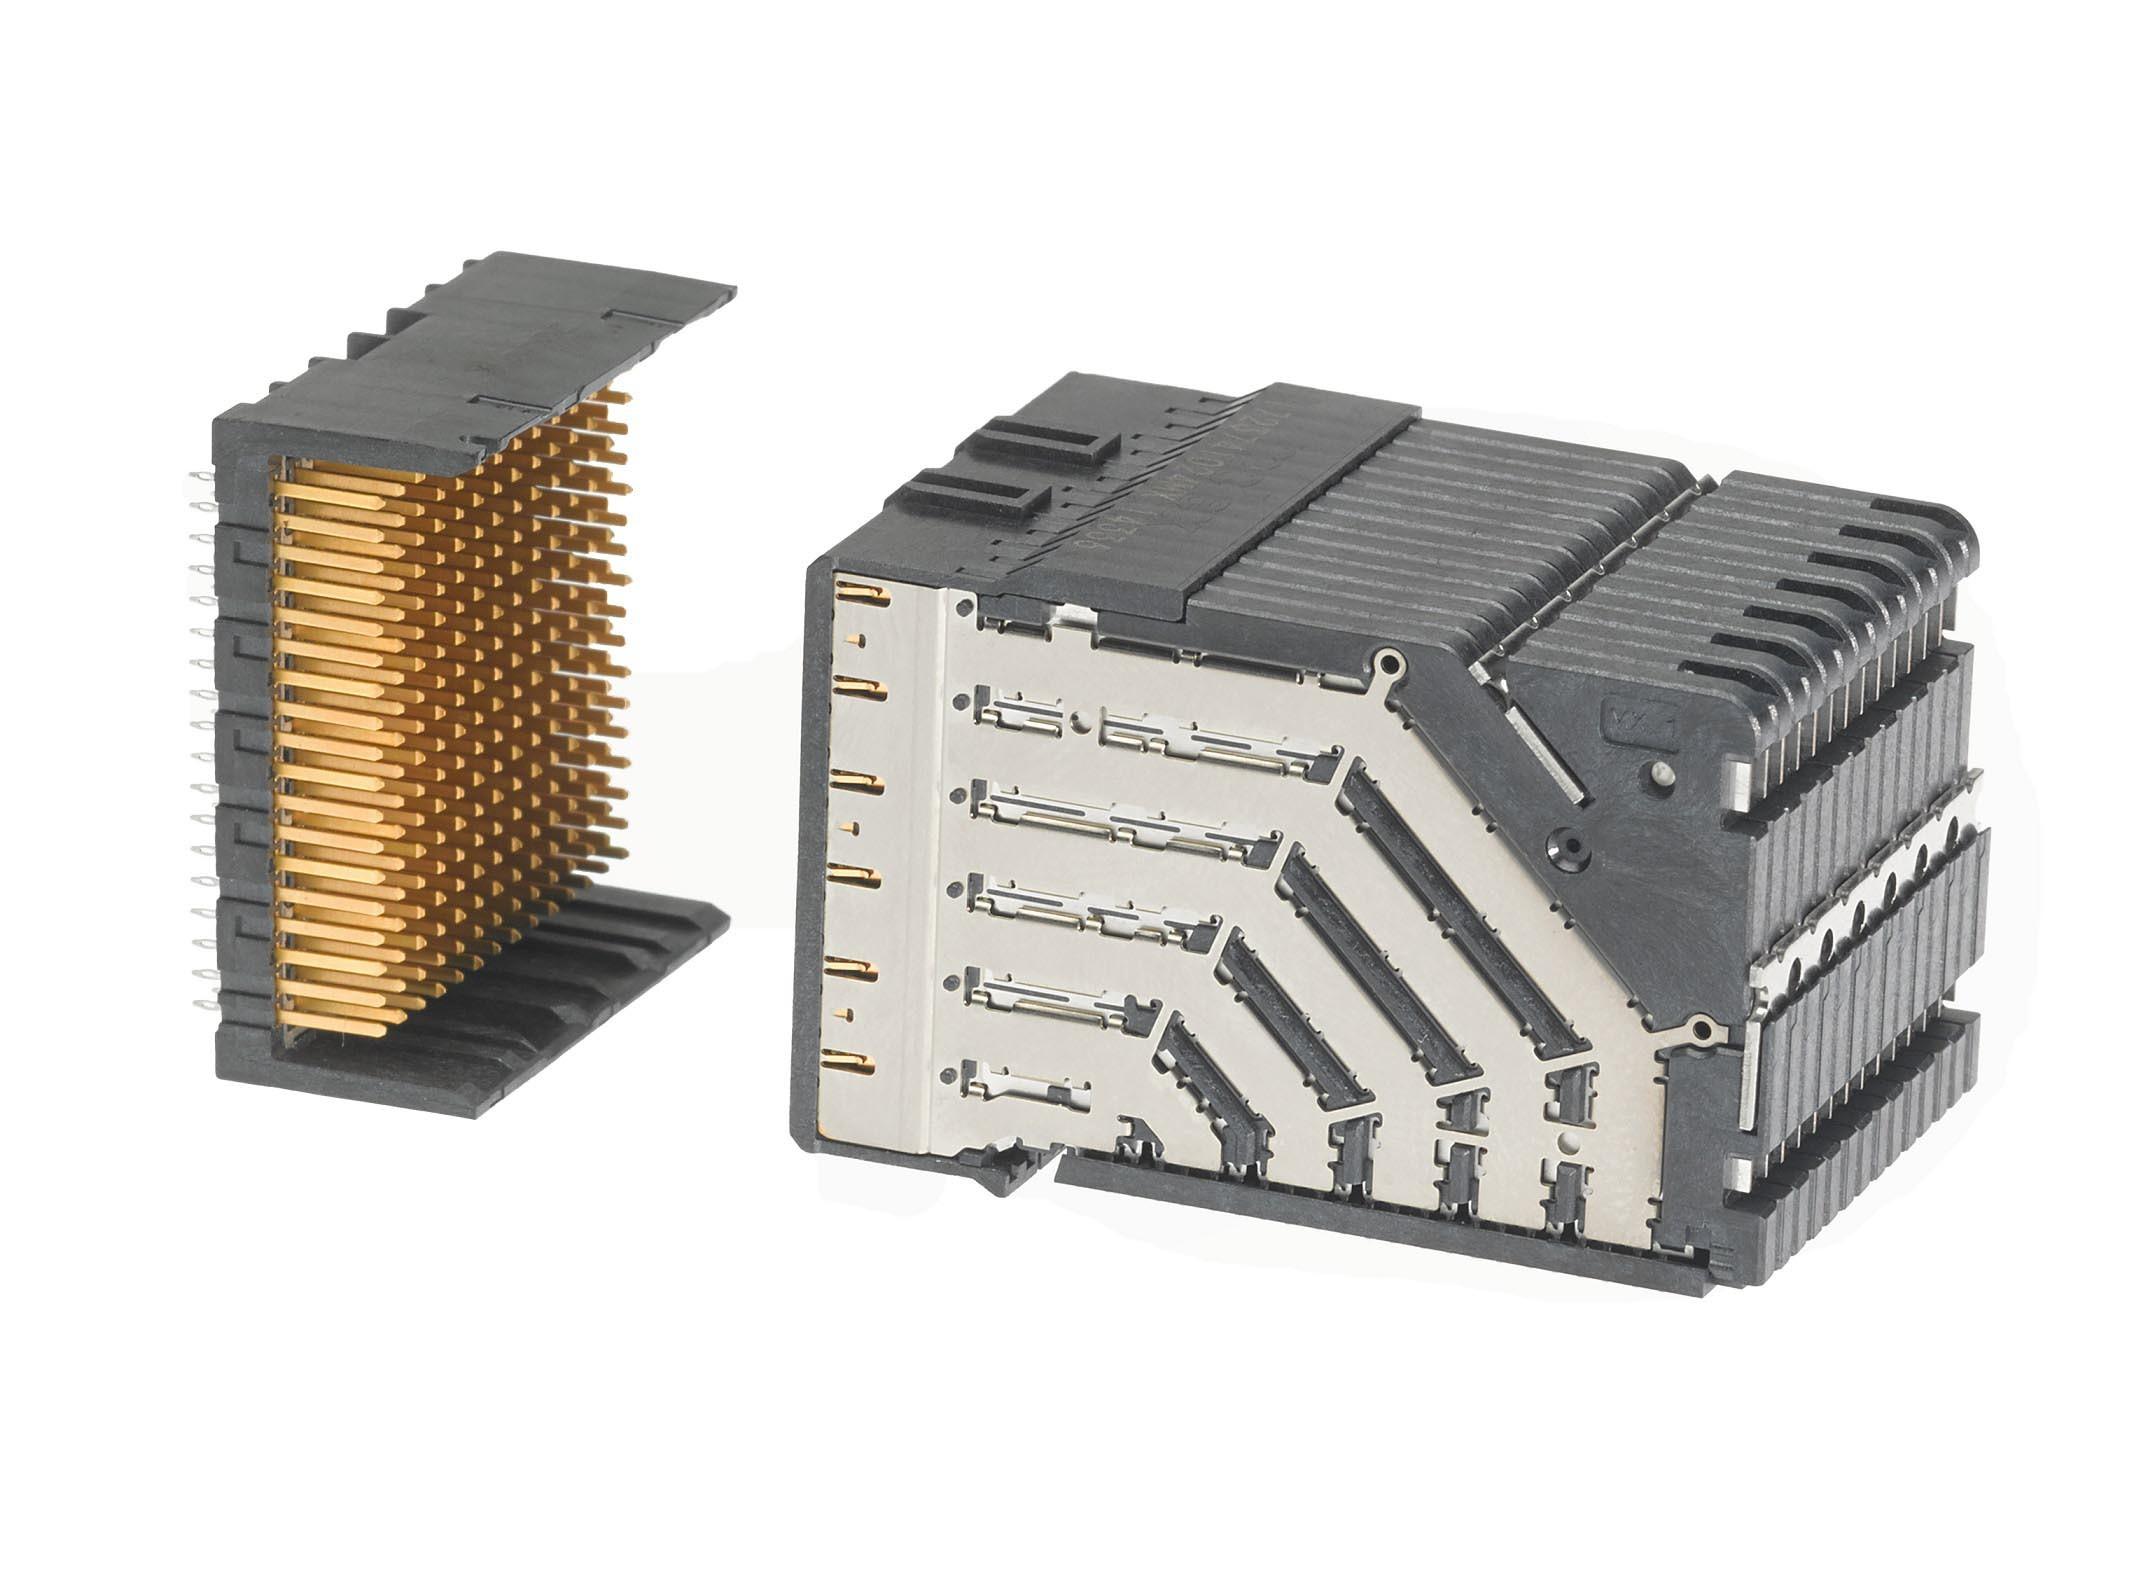 Molex推出的Impact zX2背板连接器系统满足高速应用需求